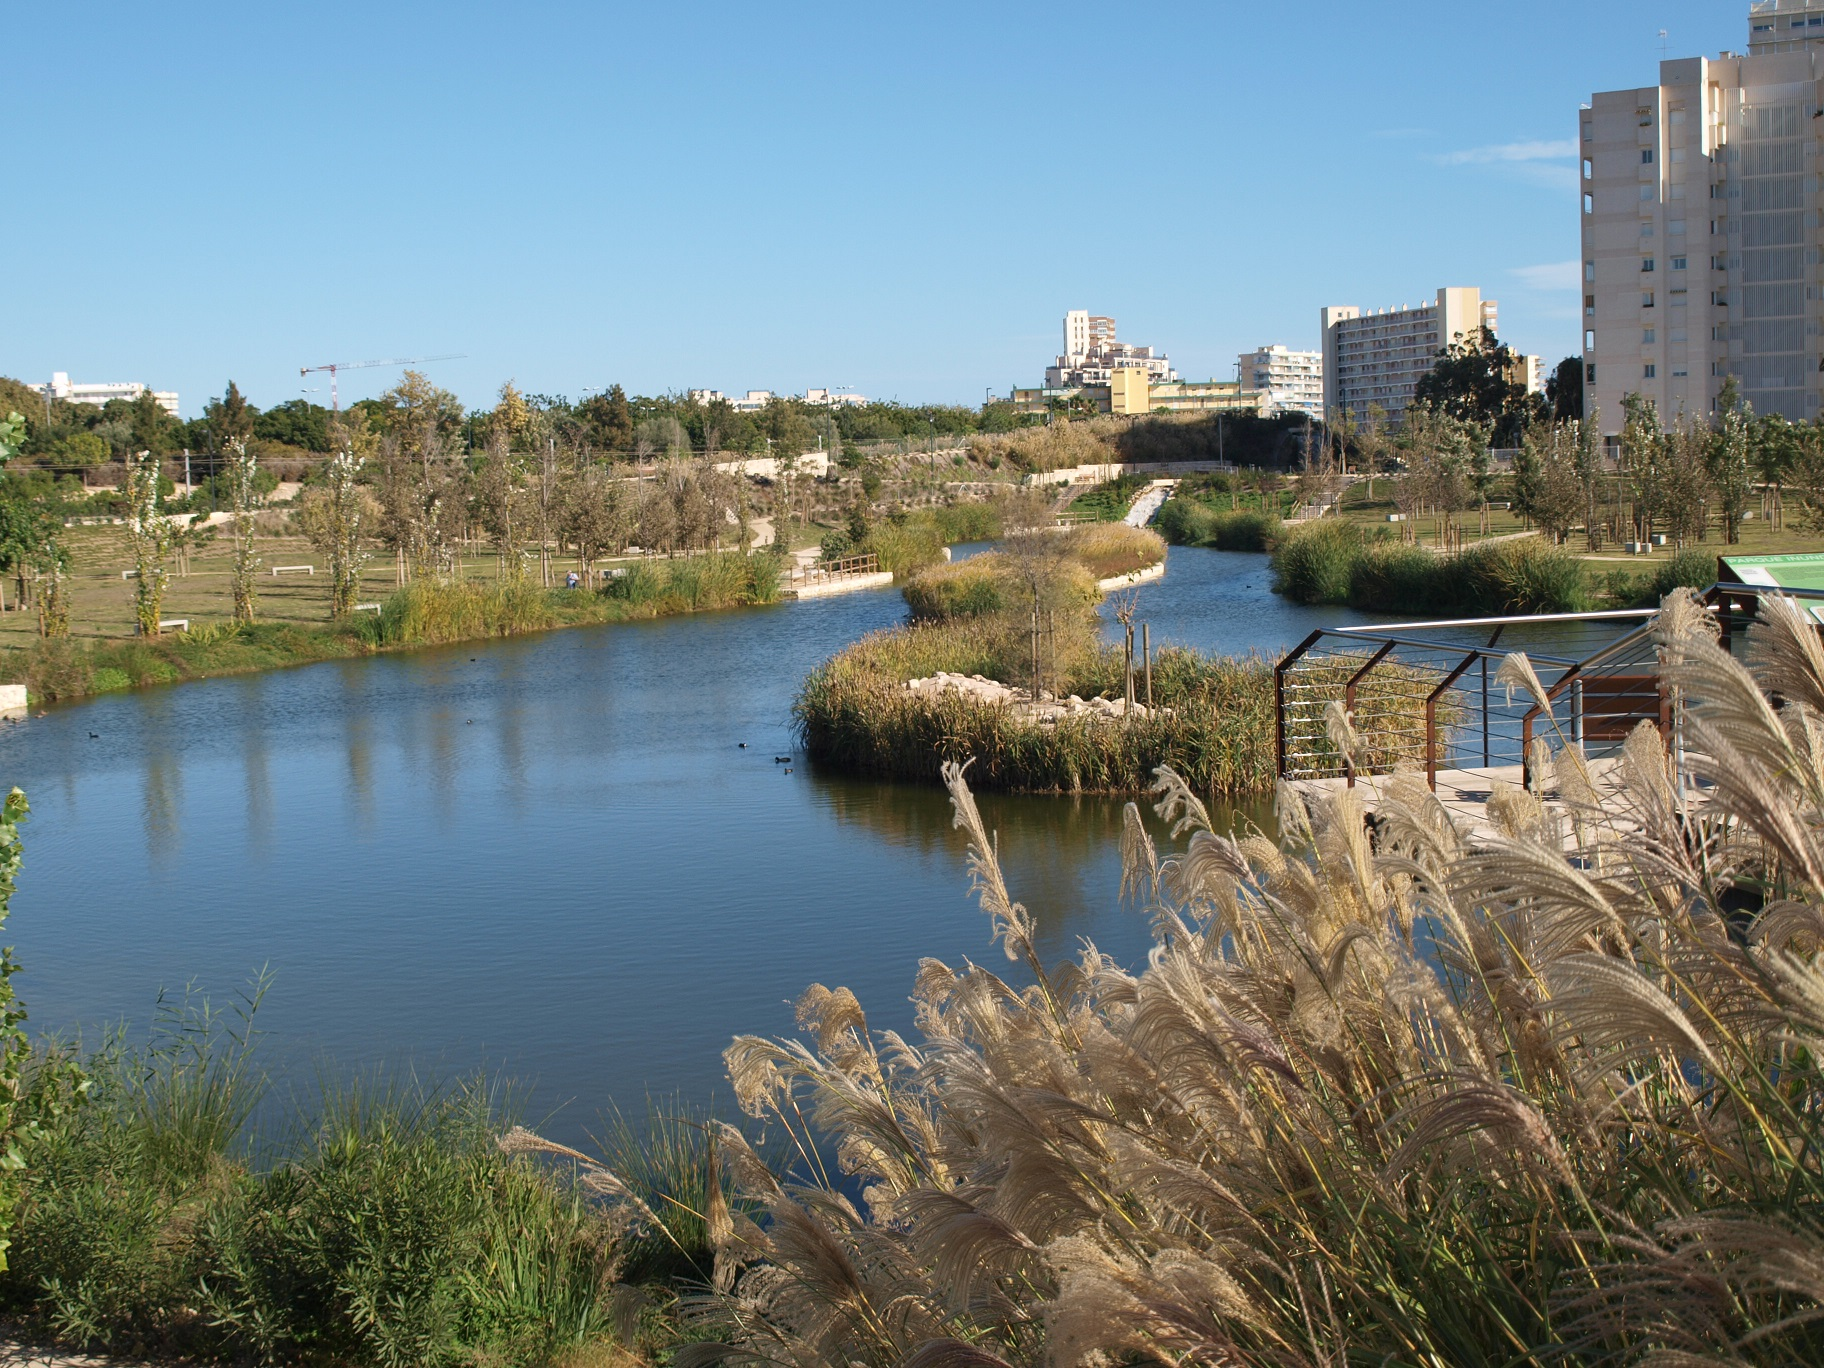 La infraestructura del parque de la Marjal en Alicante es un ejemplo de la recuperación verde que impulsa el pacto social de Hidraqua.